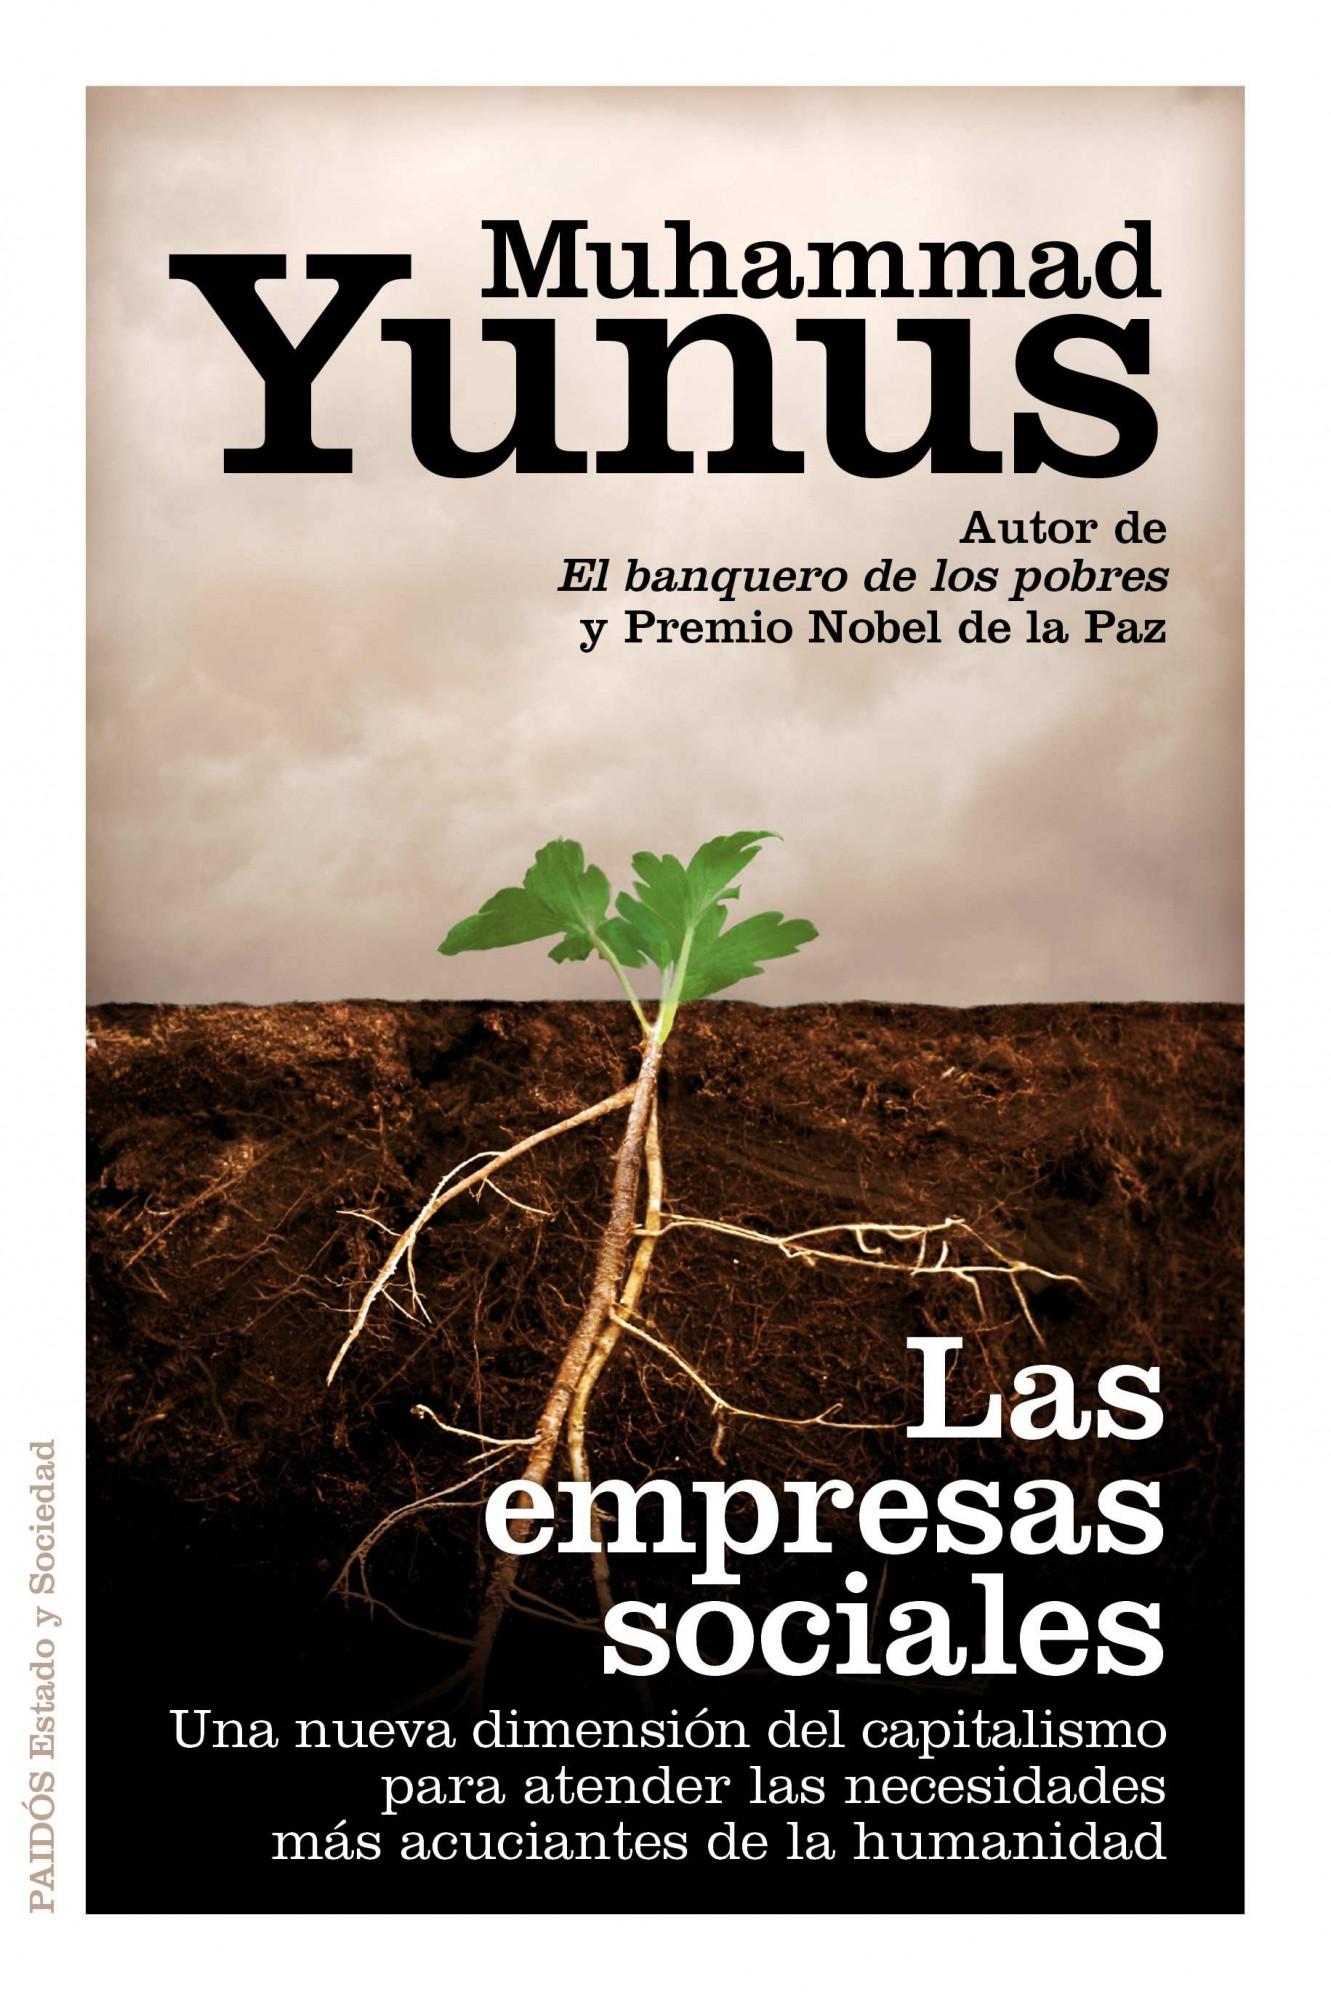 LAS EMPRESAS SOCIALES - MUHAMMAD YUNUS